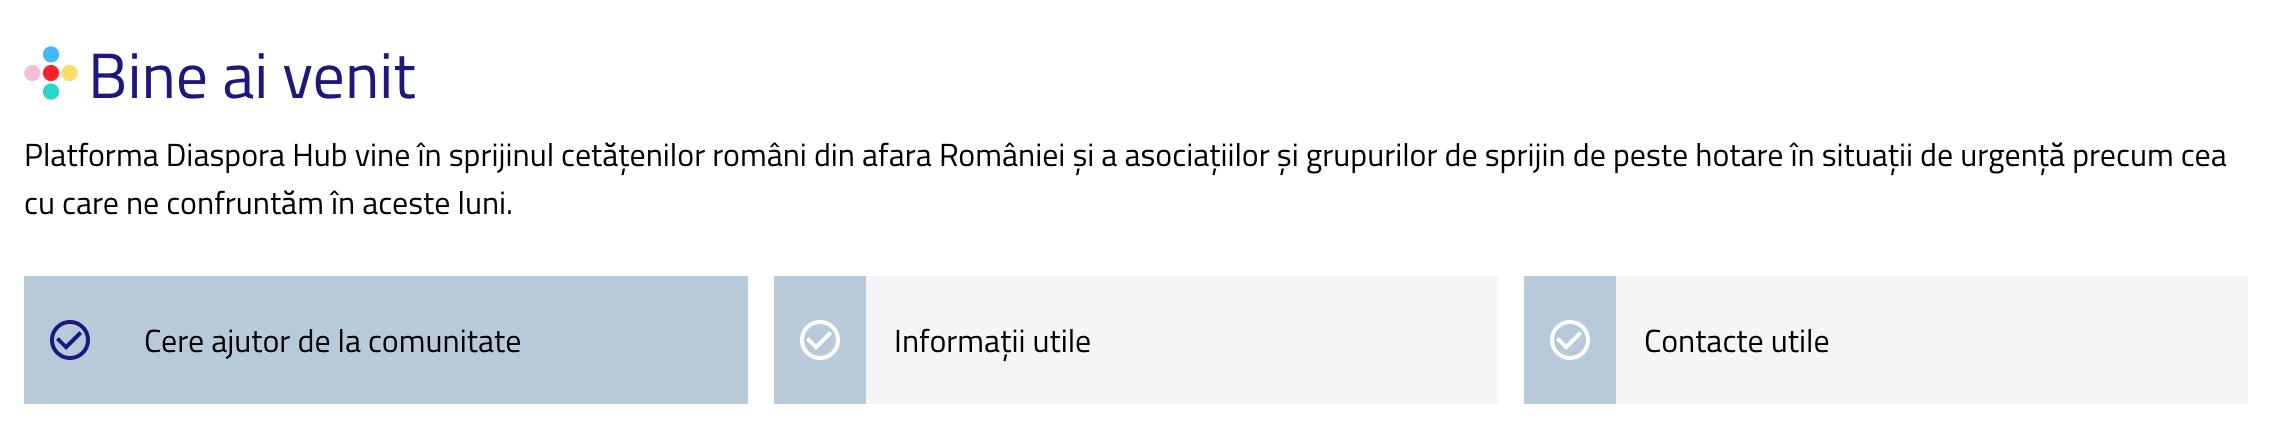 DiasporaHub.ro